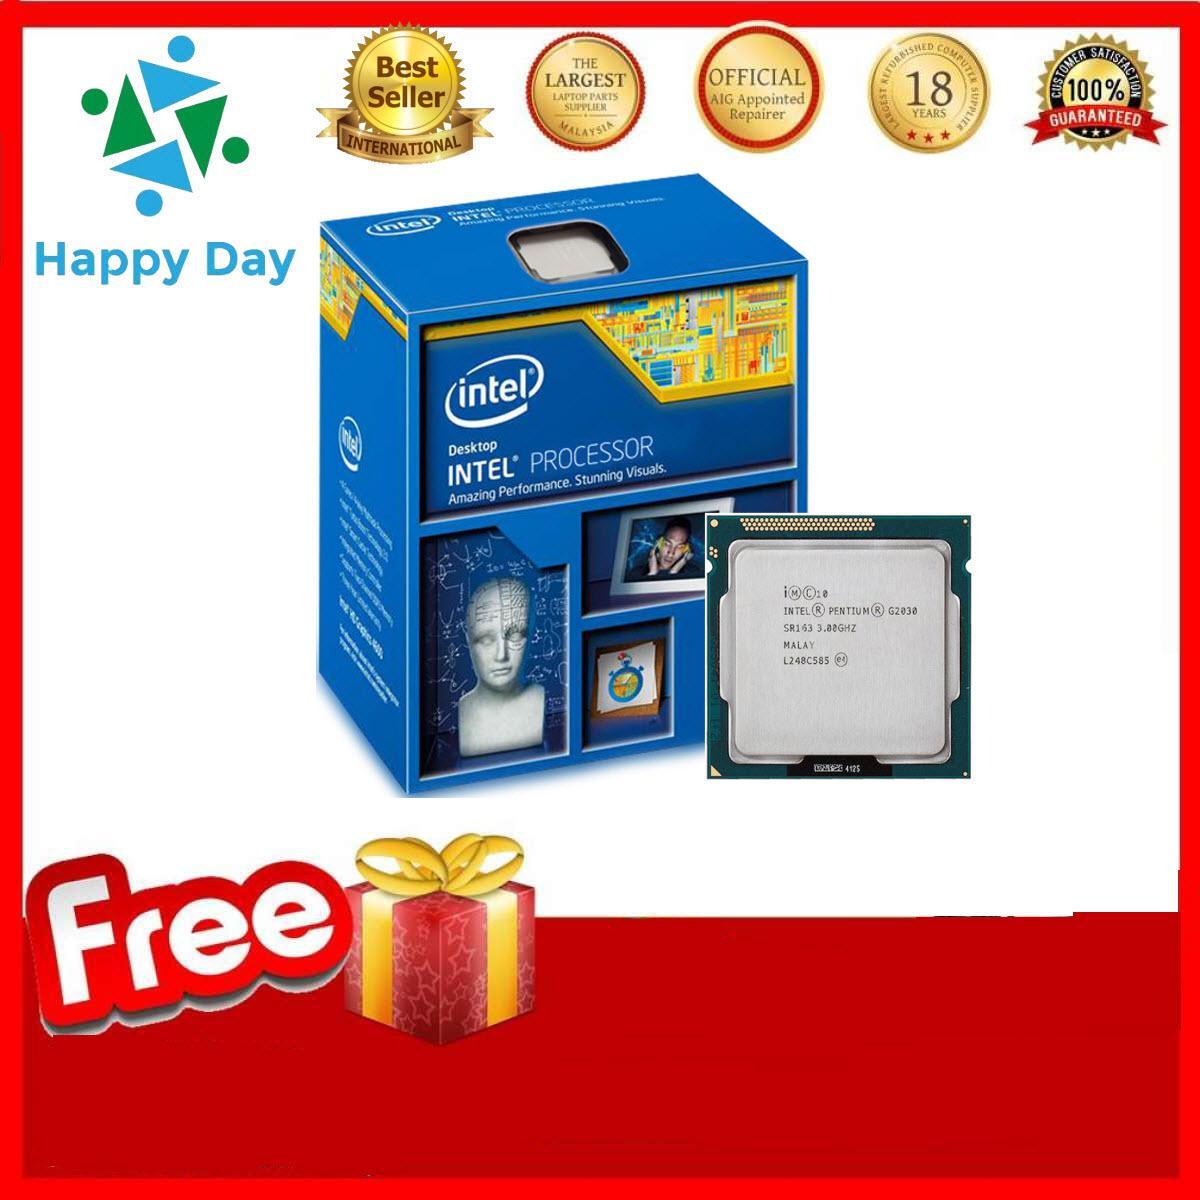 Vi xử lý Intel CPU Pentium G840 (2 lõi- 2 luồng) Chất Lượng Tốt- Hàng Nhập Khẩu